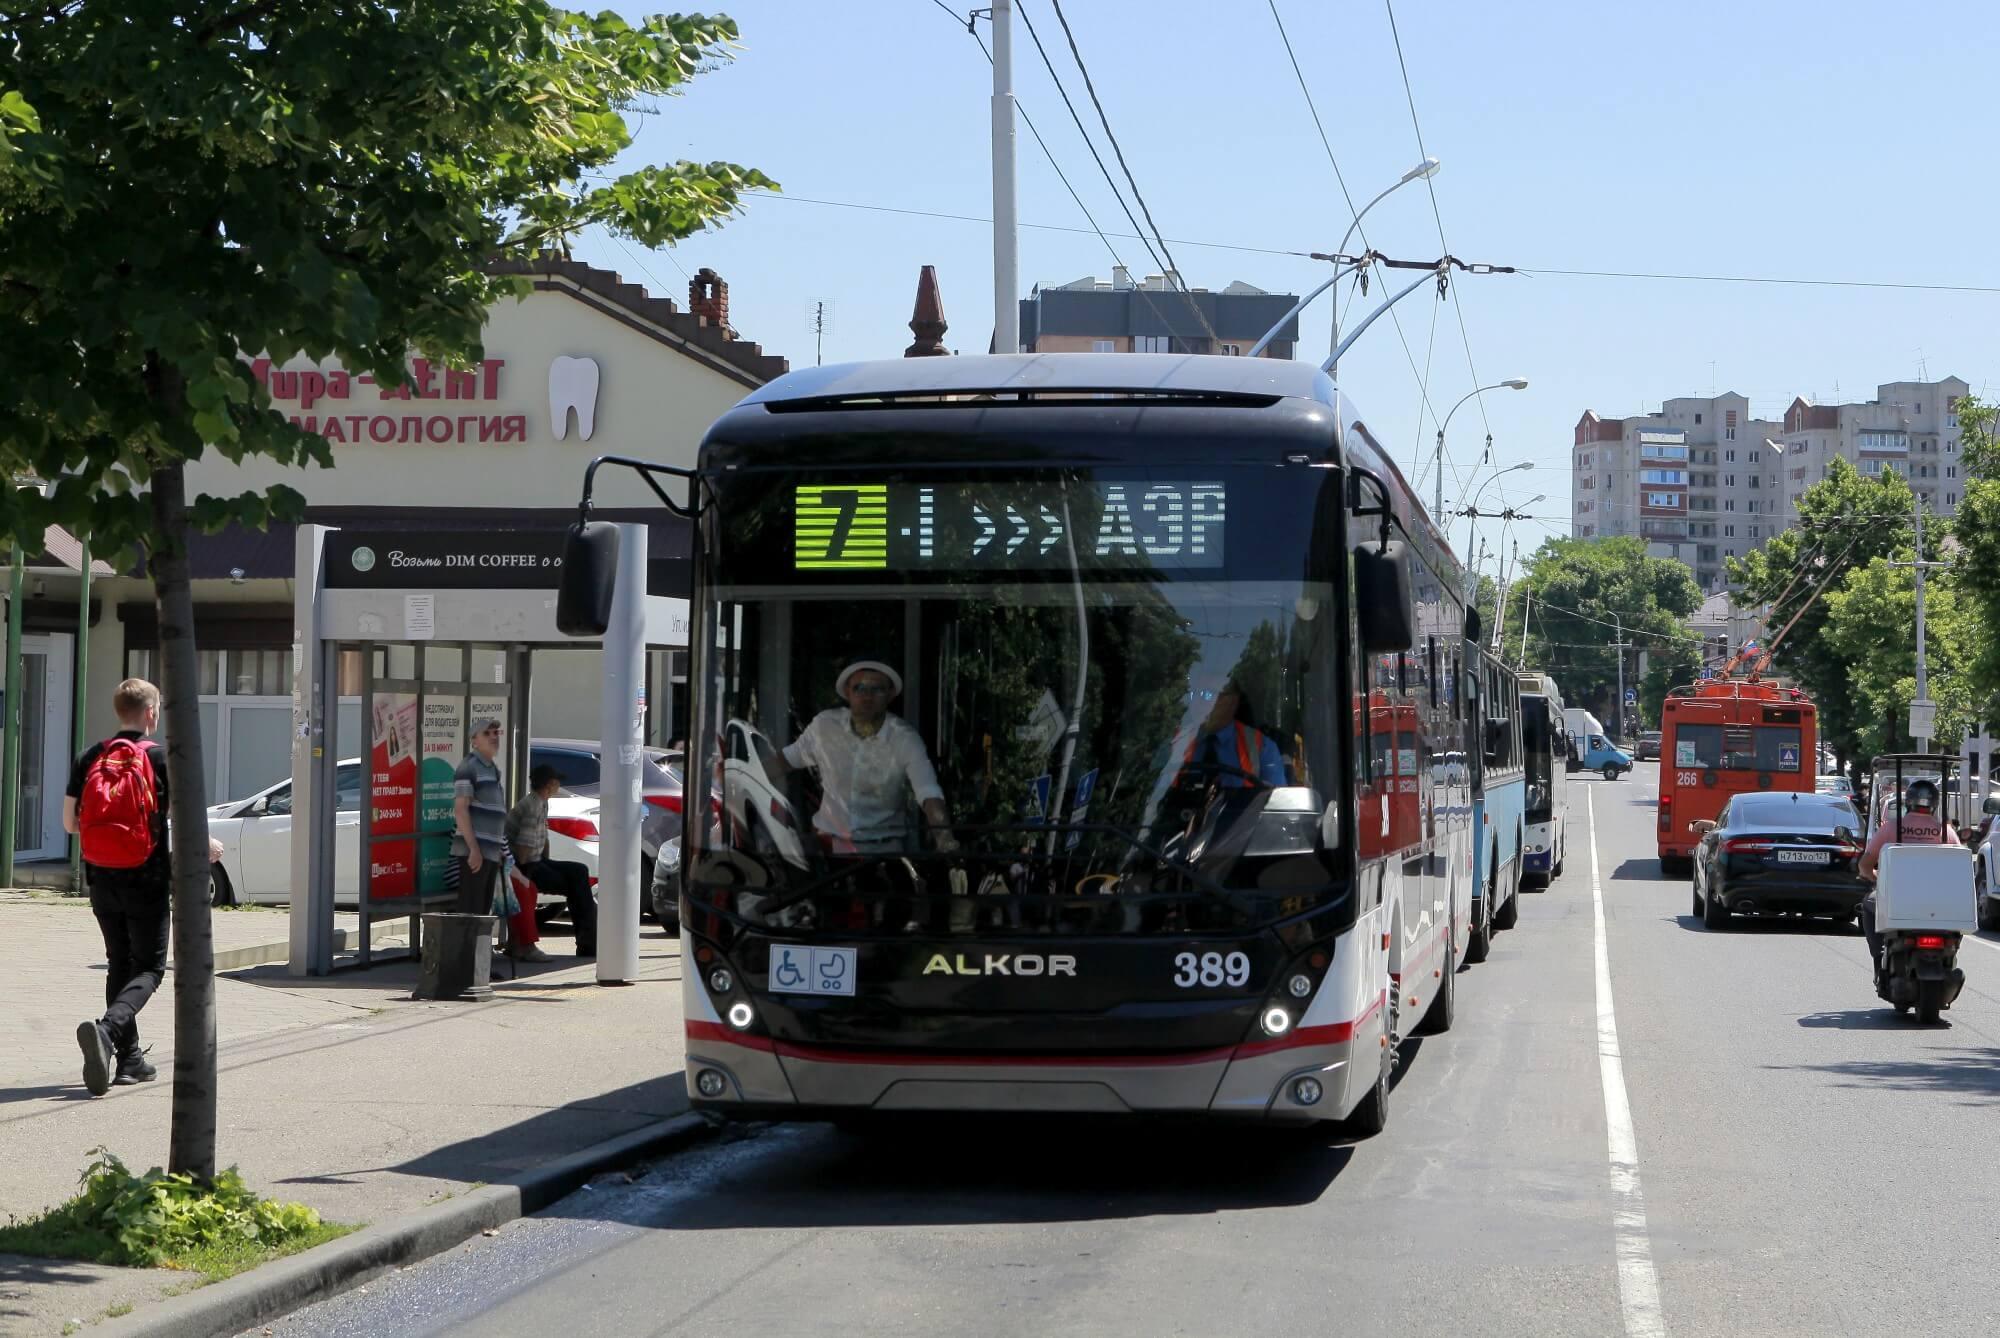 В Краснодаре на маршрут вышел первый троллейбус собственной сборки. Фоторепортаж